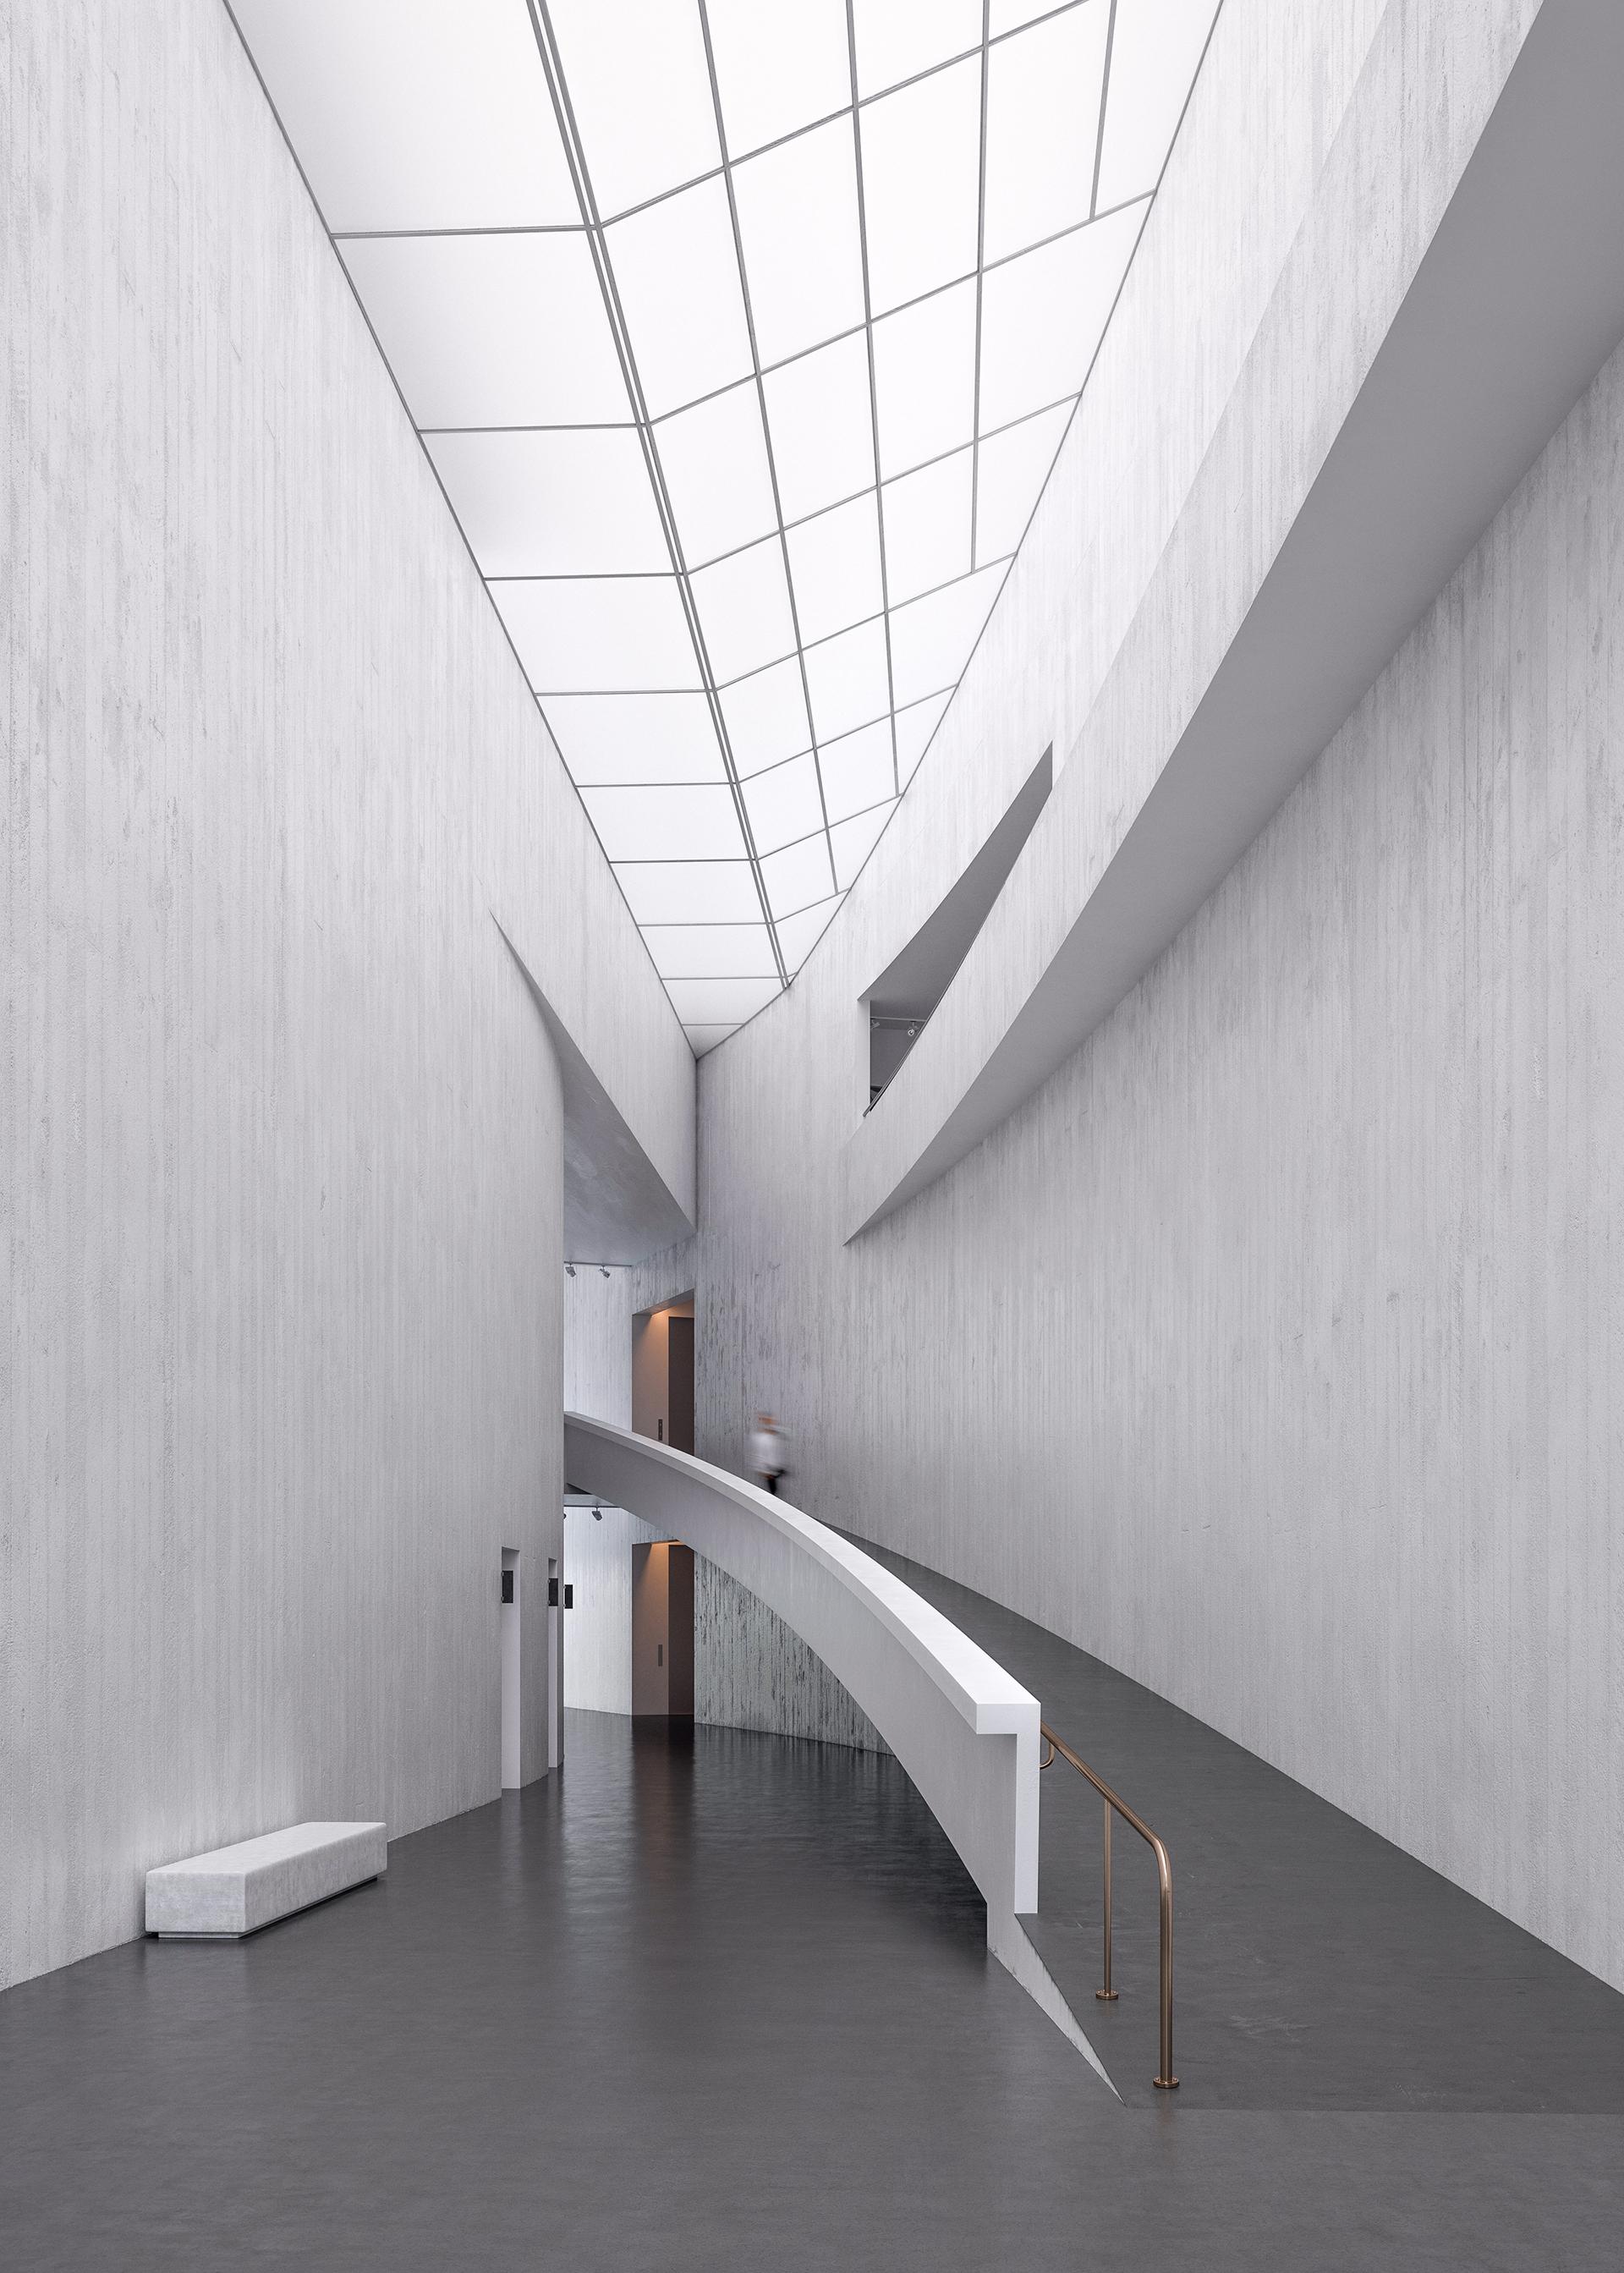 Kiasma Museum - Helsinki